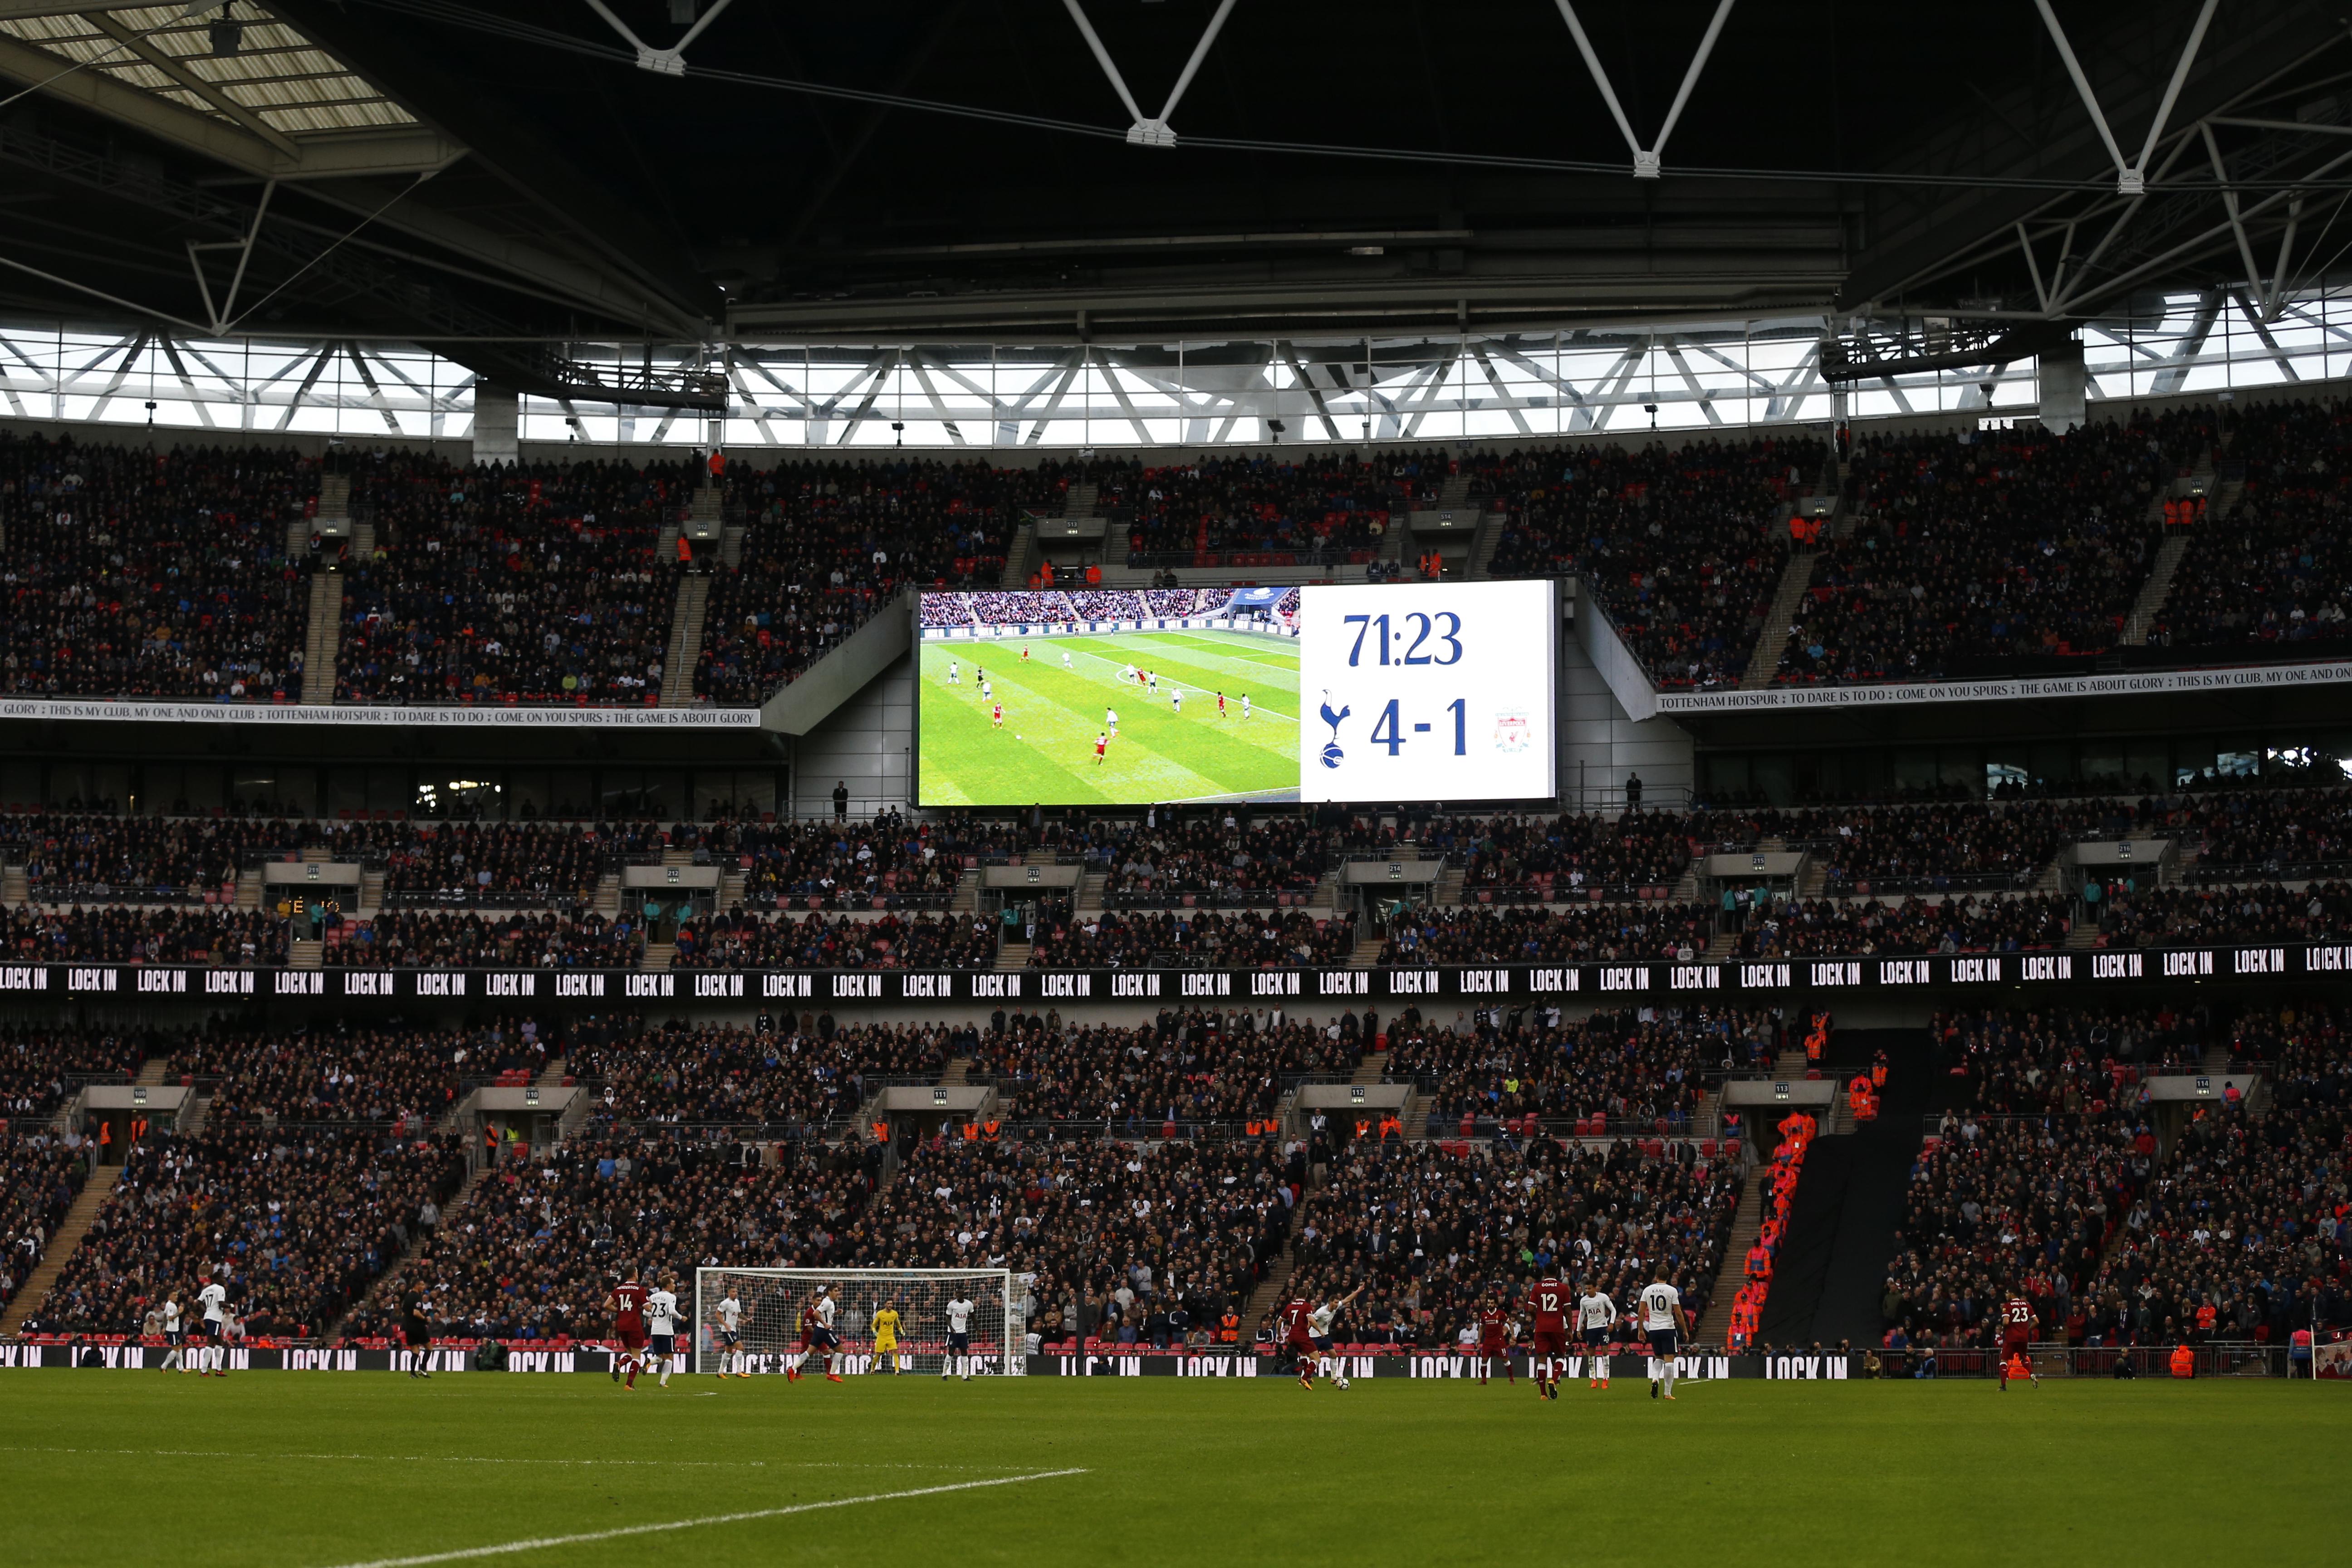 Az FA-kupa döntőn tesztelné a brit kormány a tömegrendezvények biztonságos megrendezését